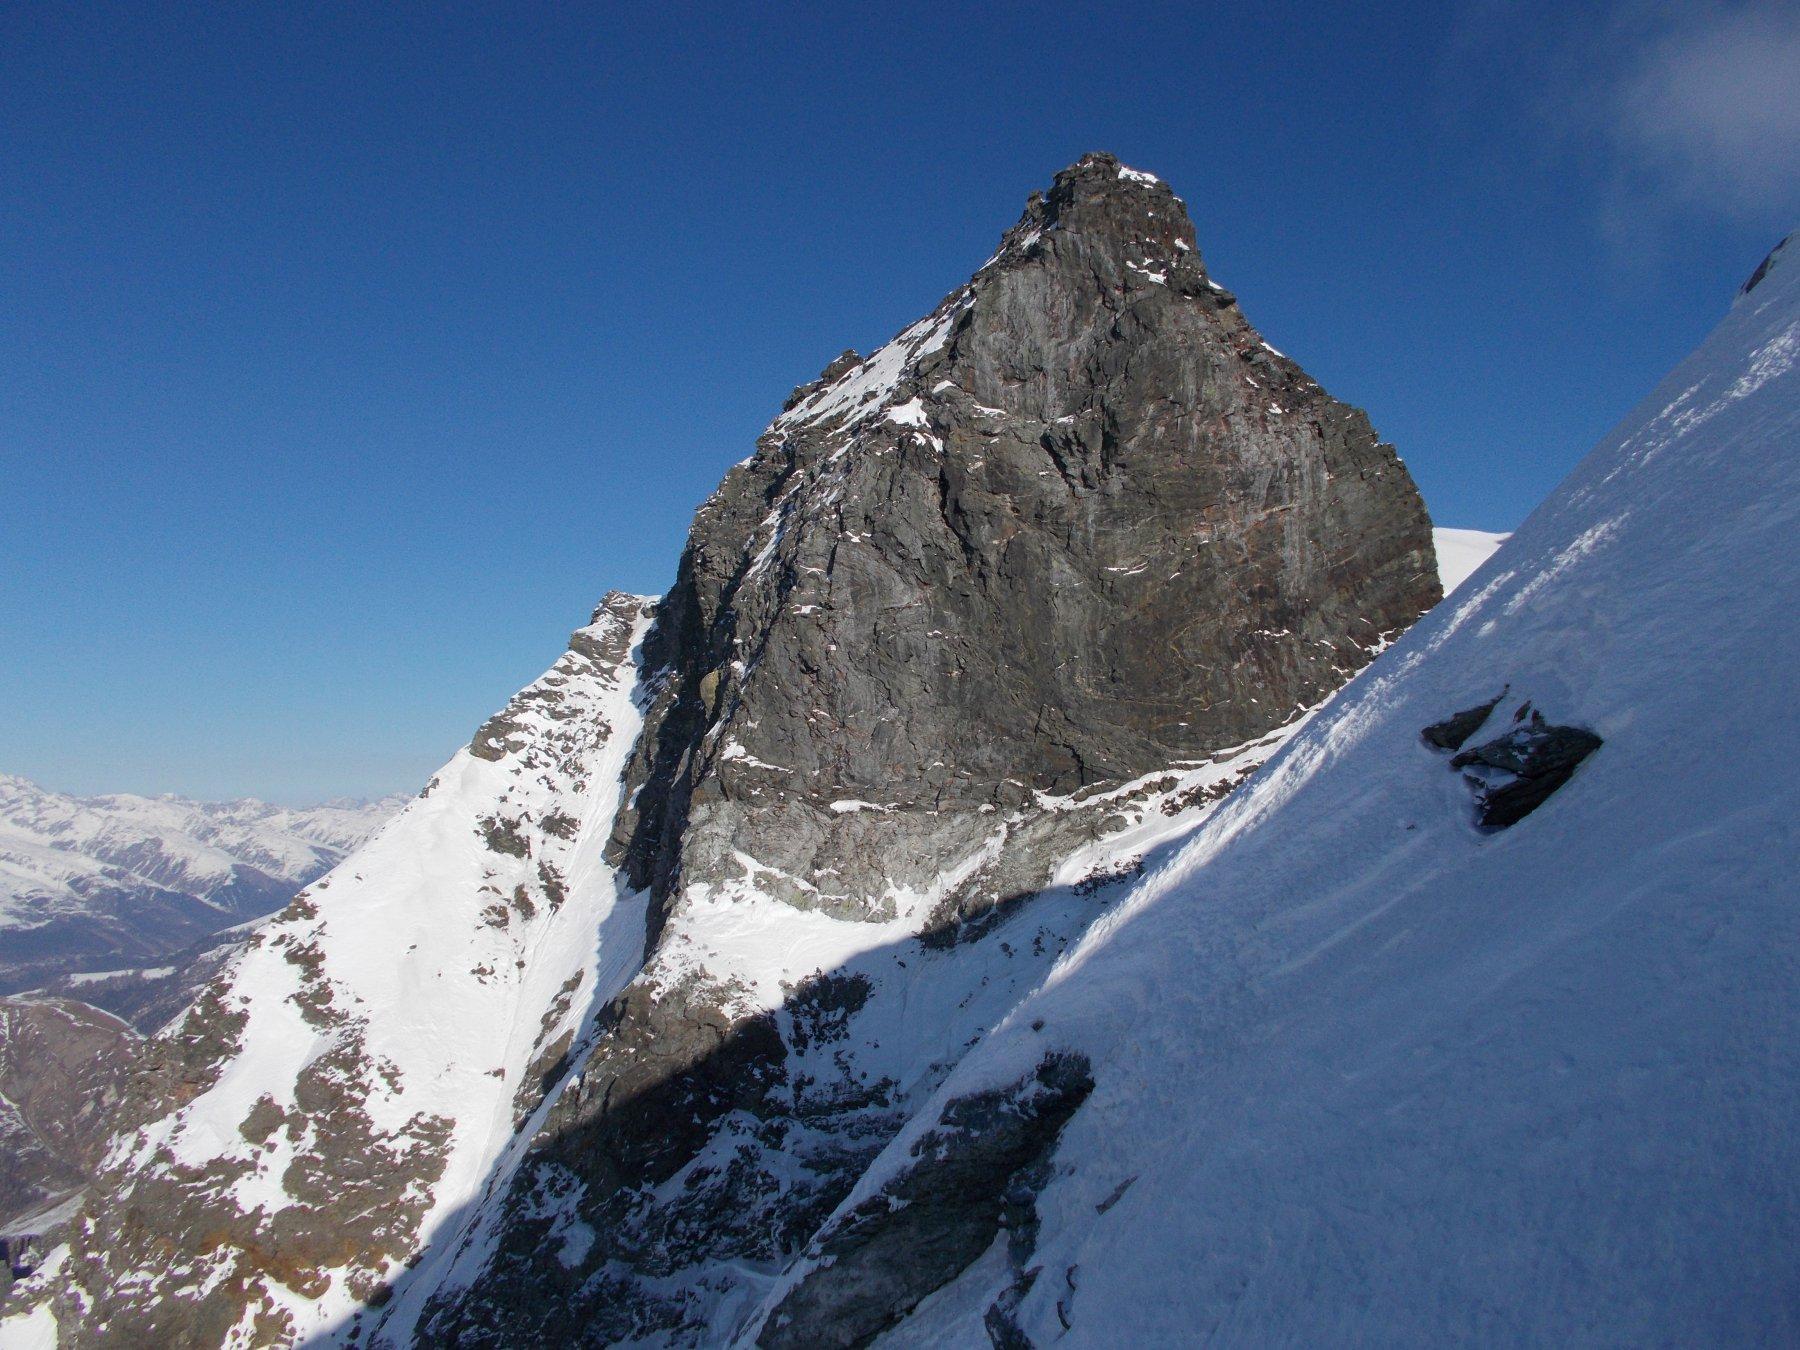 l'Hillehorn roccioso e sinistro subito si nota sulla dx..appena sbucati in cresta..